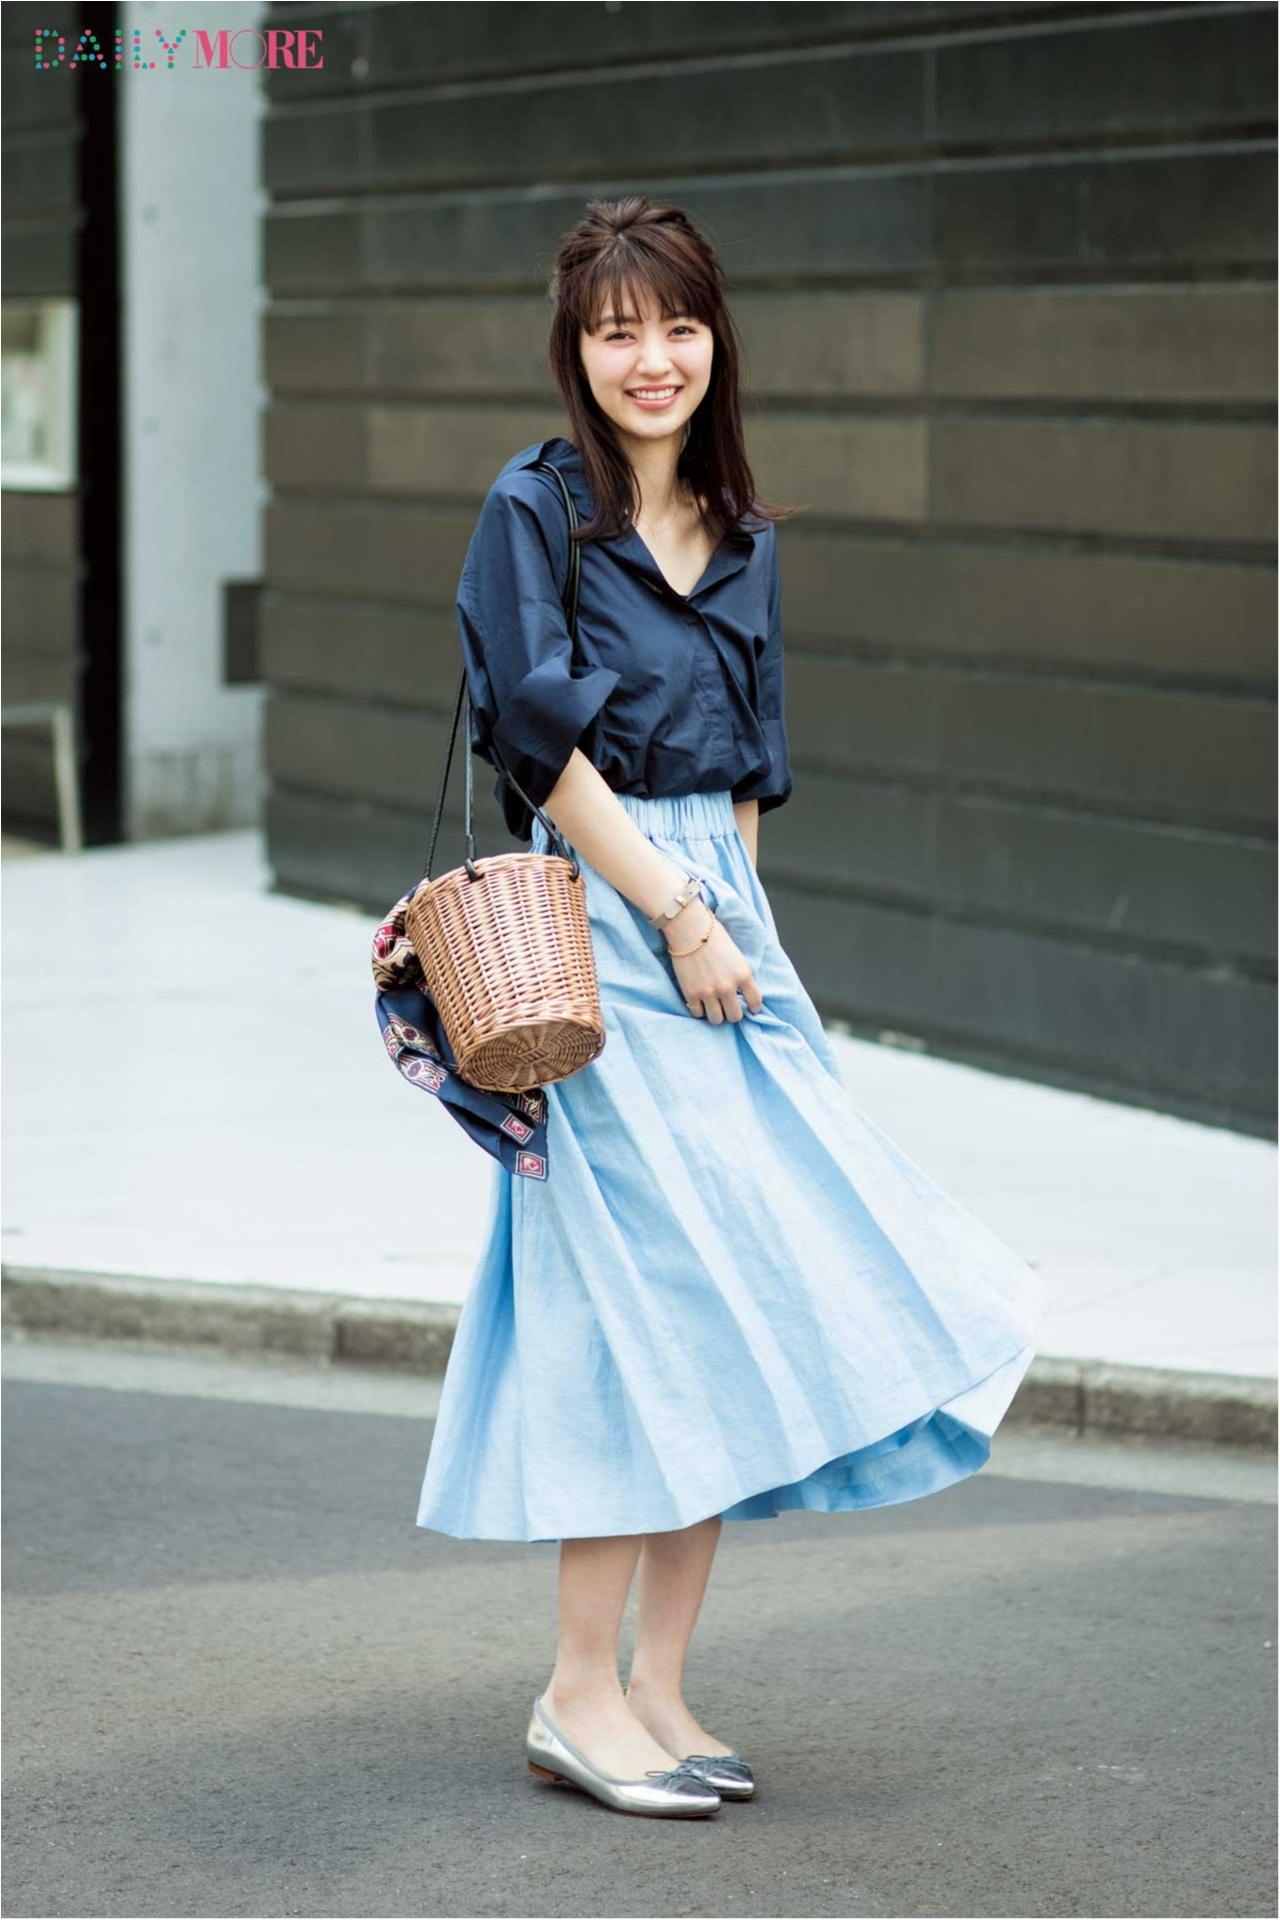 【今日のコーデ/逢沢りな】爽やかなネイビーシャツ×水色スカートで第一印象アップを狙って!_1